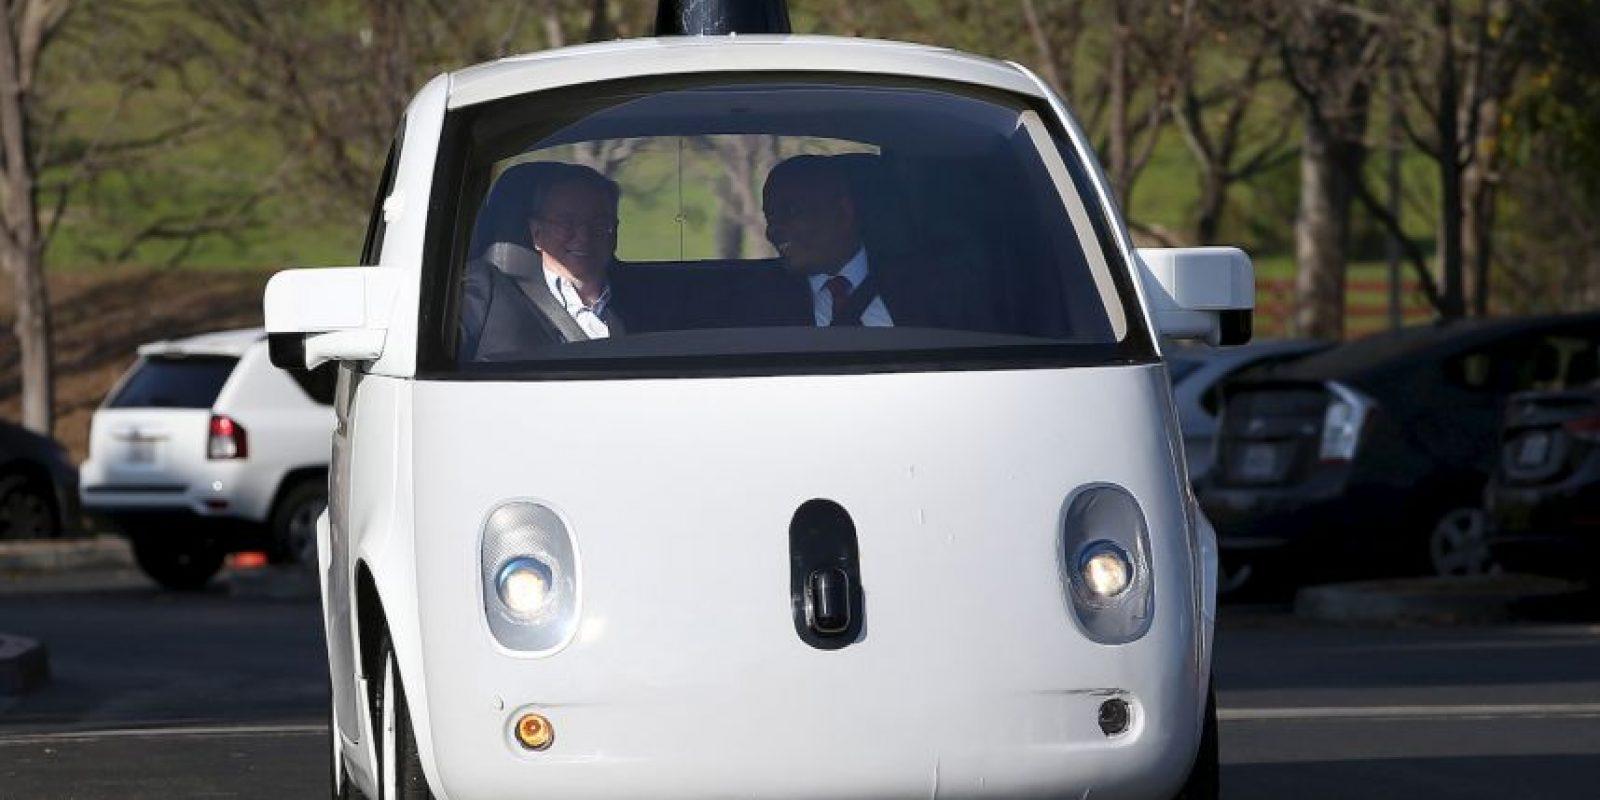 El automóvil sin conductor de Google es un proyecto de esta empresa que consistente en el desarrollo de la tecnología necesaria para crear coches sin conductor, que circulen de forma autónoma Foto:Getty Images